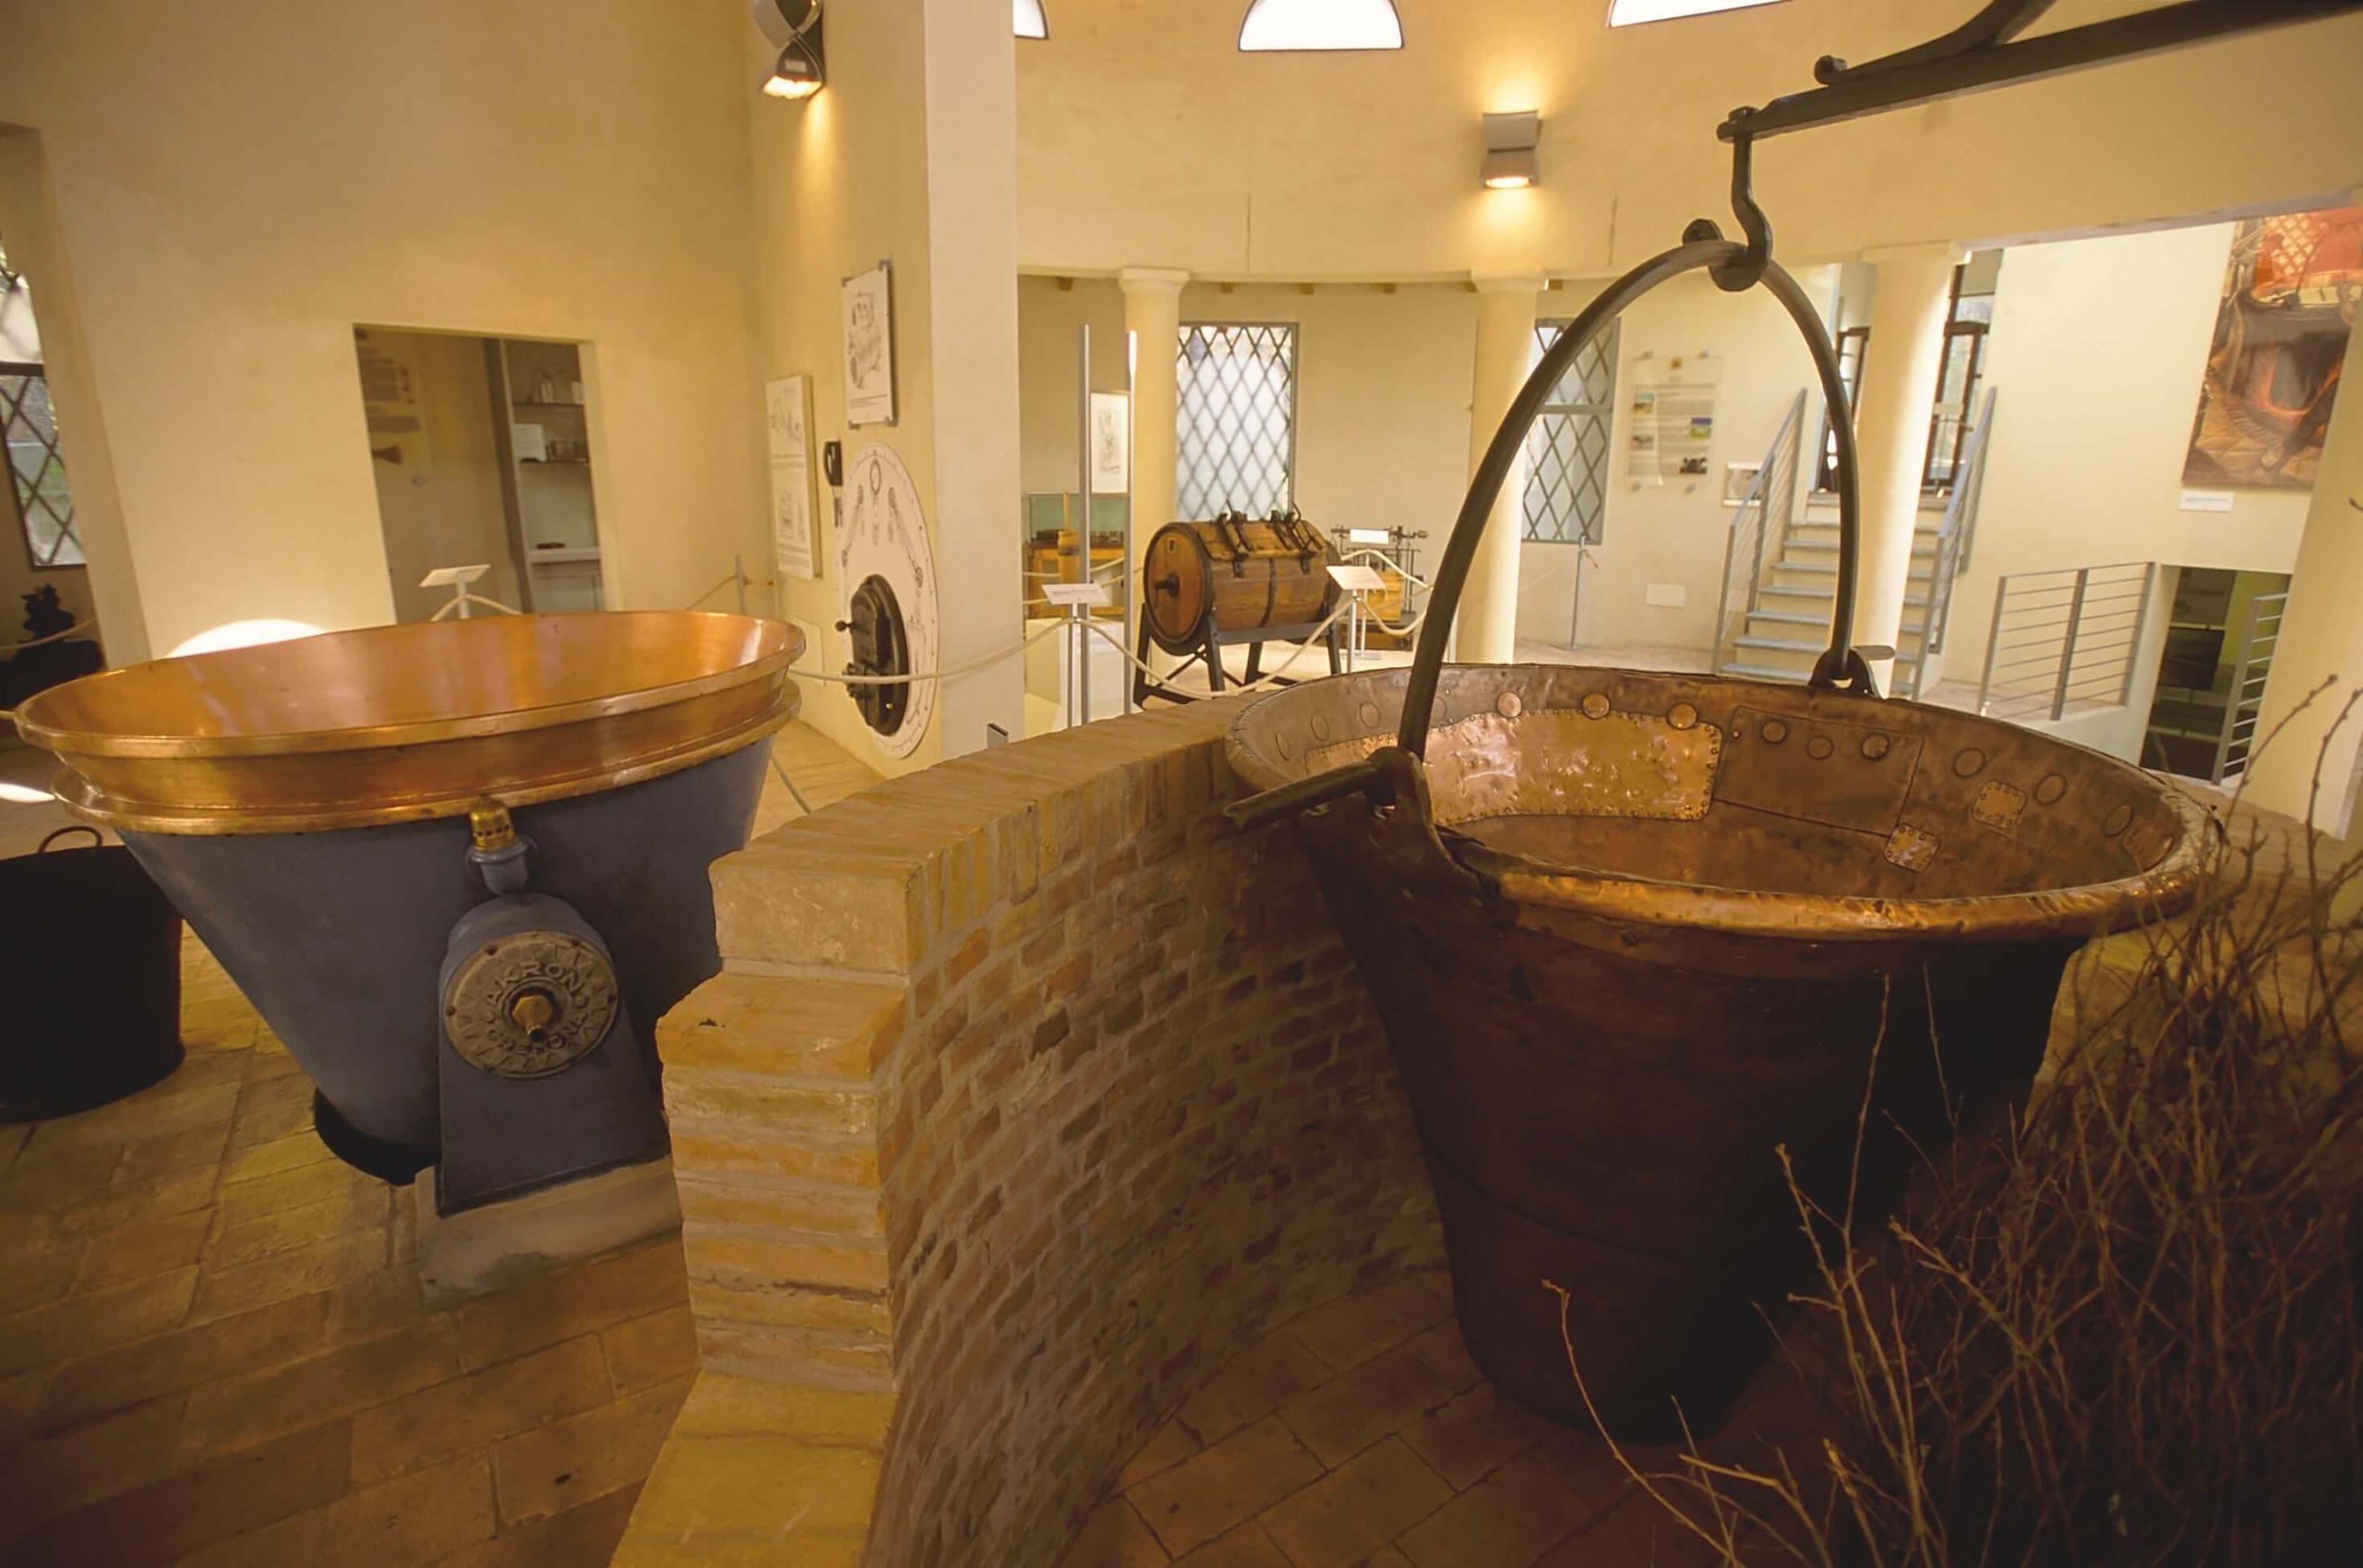 Museum of Parmigiano Reggiano in Soragna